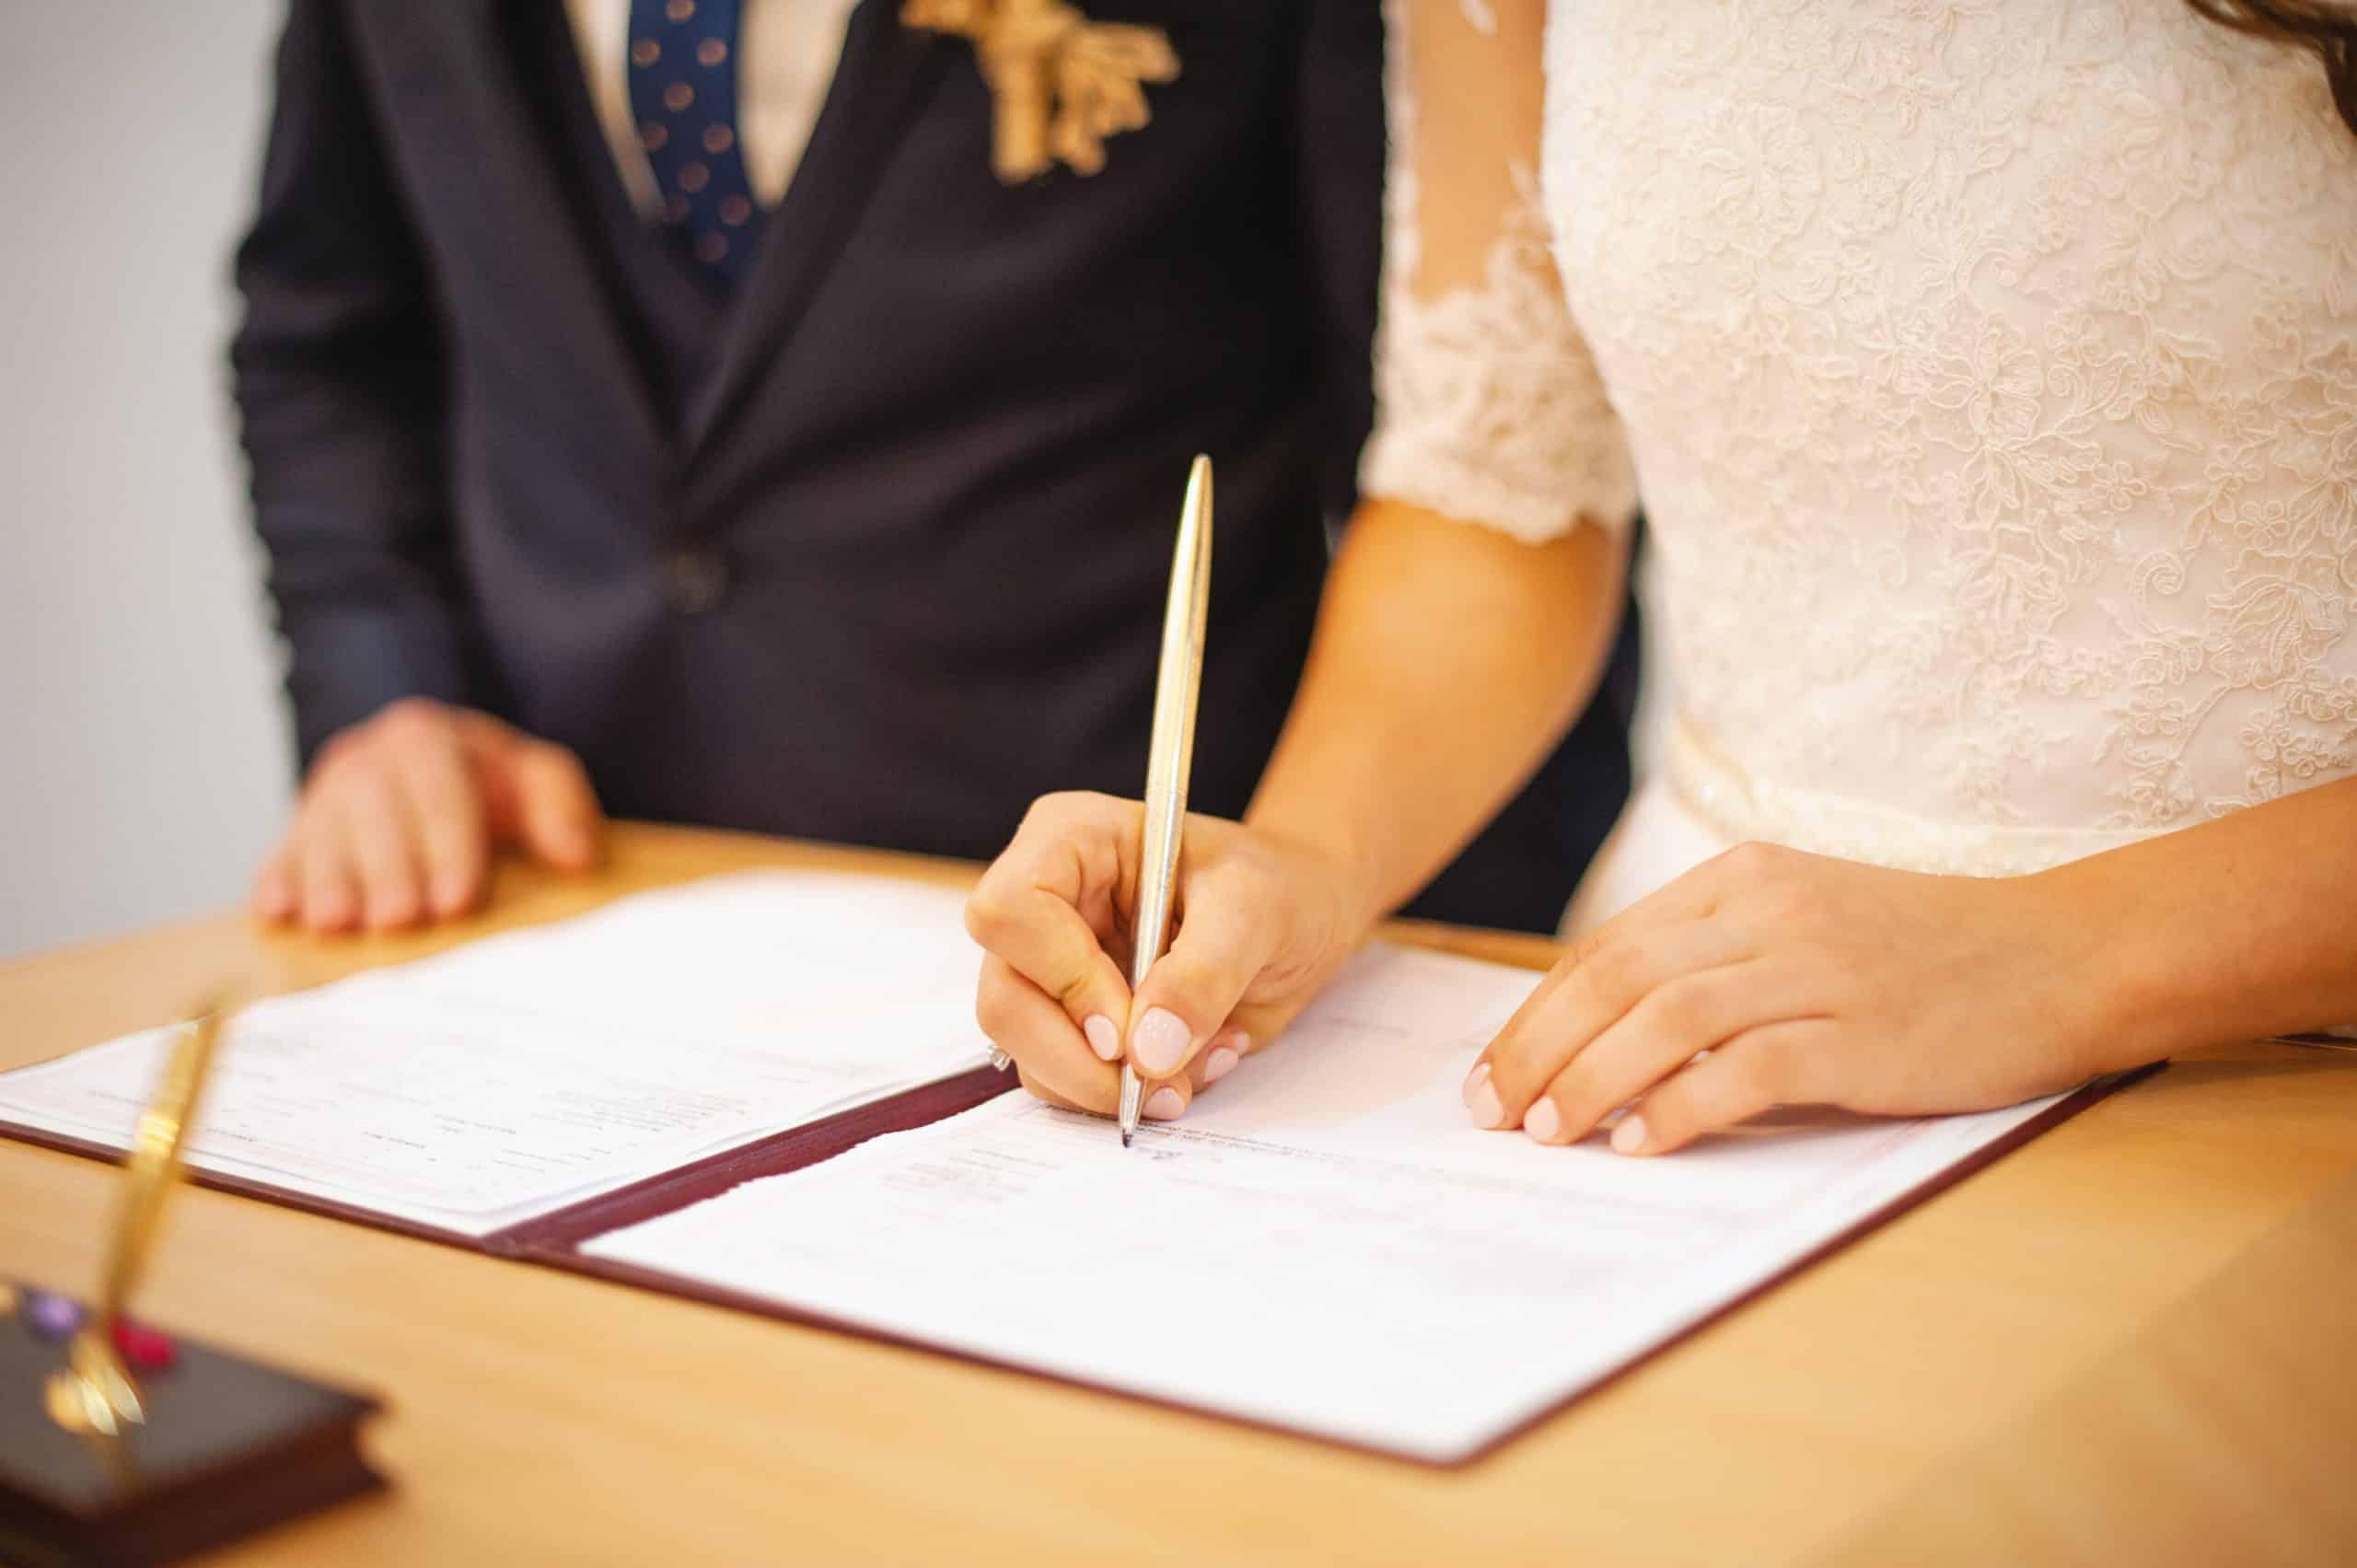 Vjenčanje kod matičara